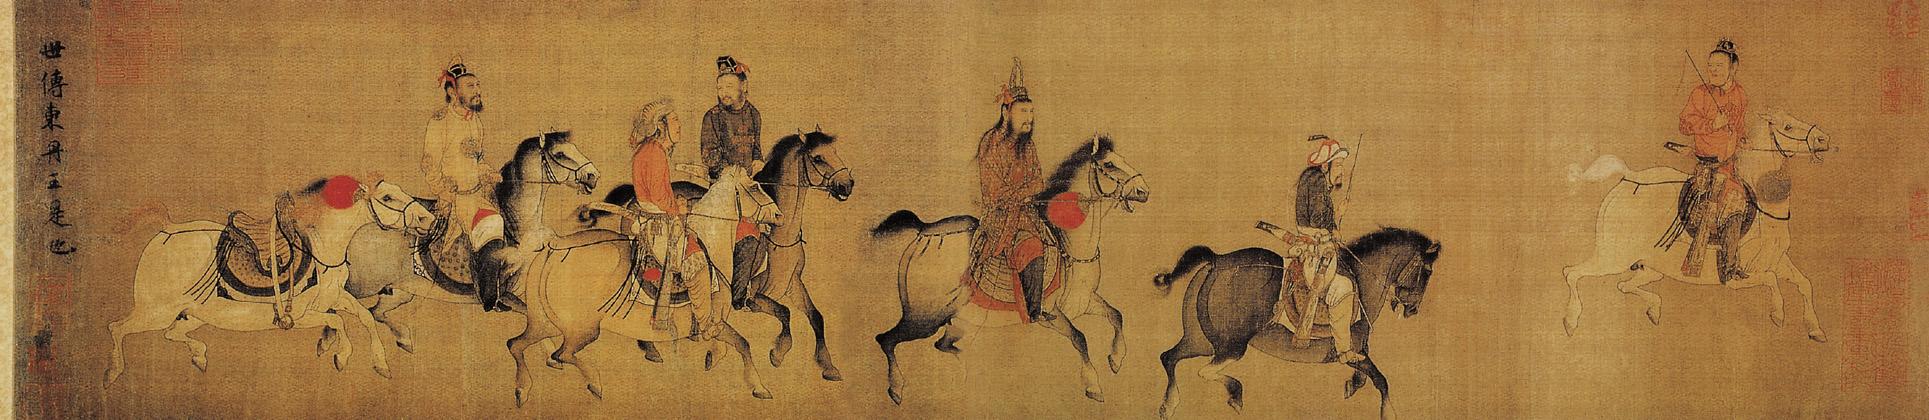 Le roi de Dongdan va de l'avant, couleurs claires sur soie, Li Zanhua